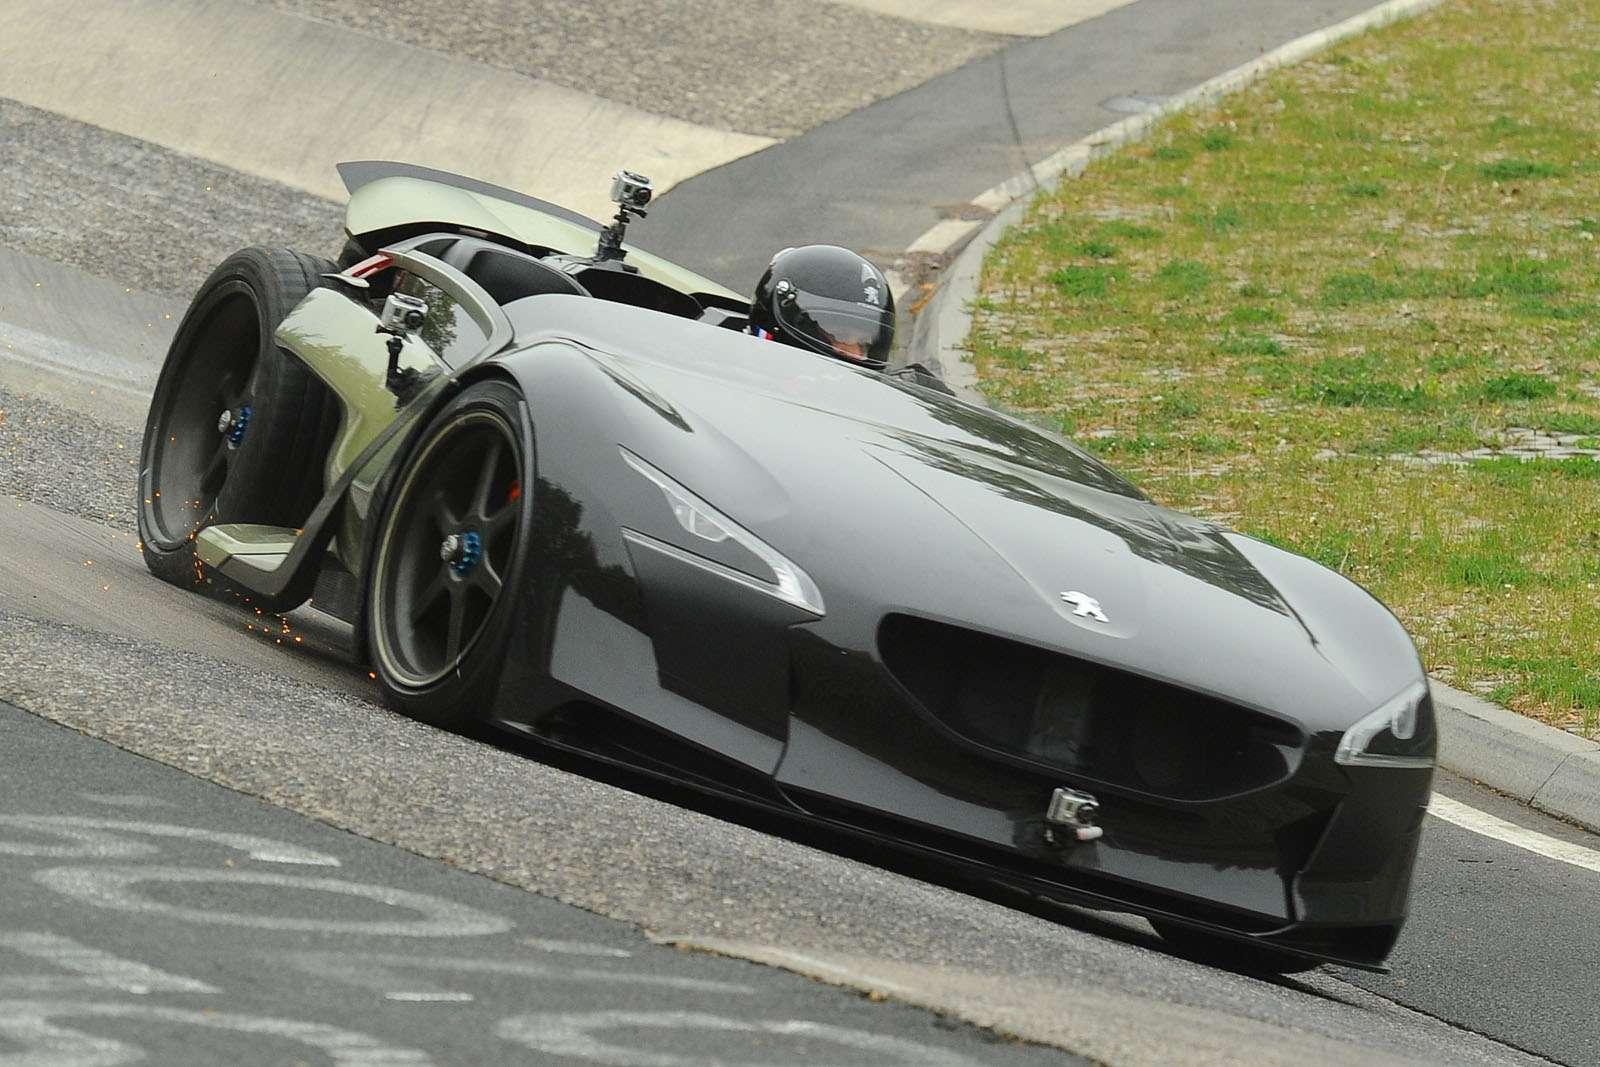 Peugeot-EX-1-Concept-Nurburgring-2